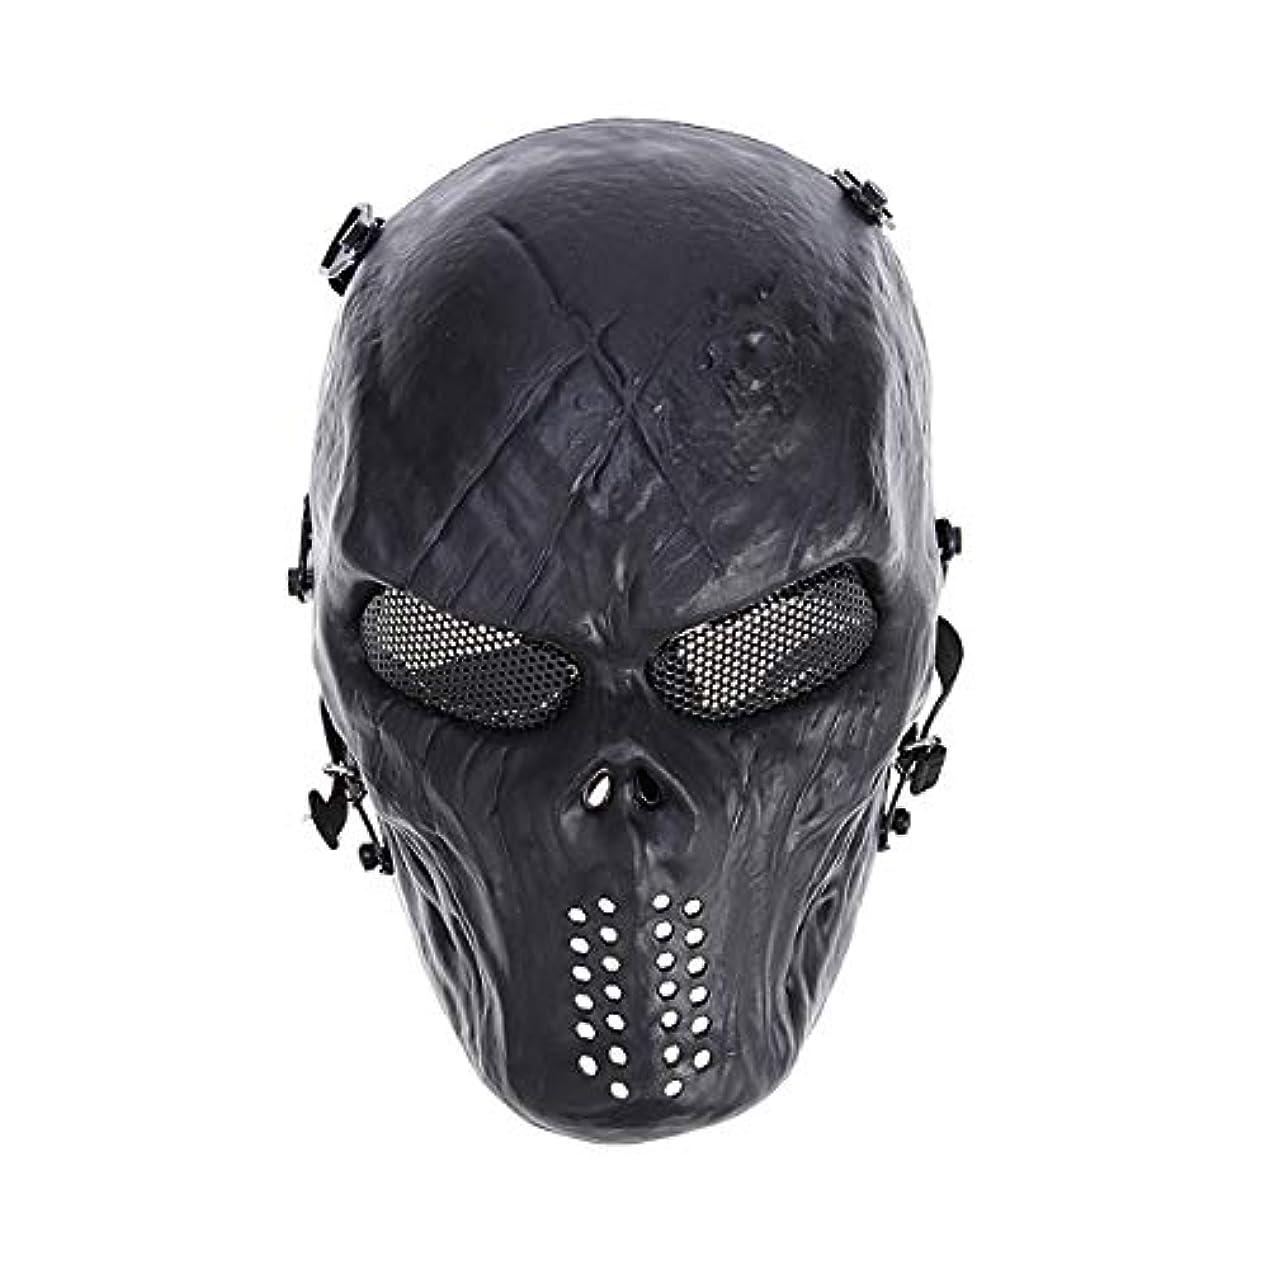 敷居のヒープそれVORCOOL CSフィールドマスクハロウィンパーティーコスチュームマスク調整可能な戦術マスク戦闘保護顔耳保護征服マスク(黒)